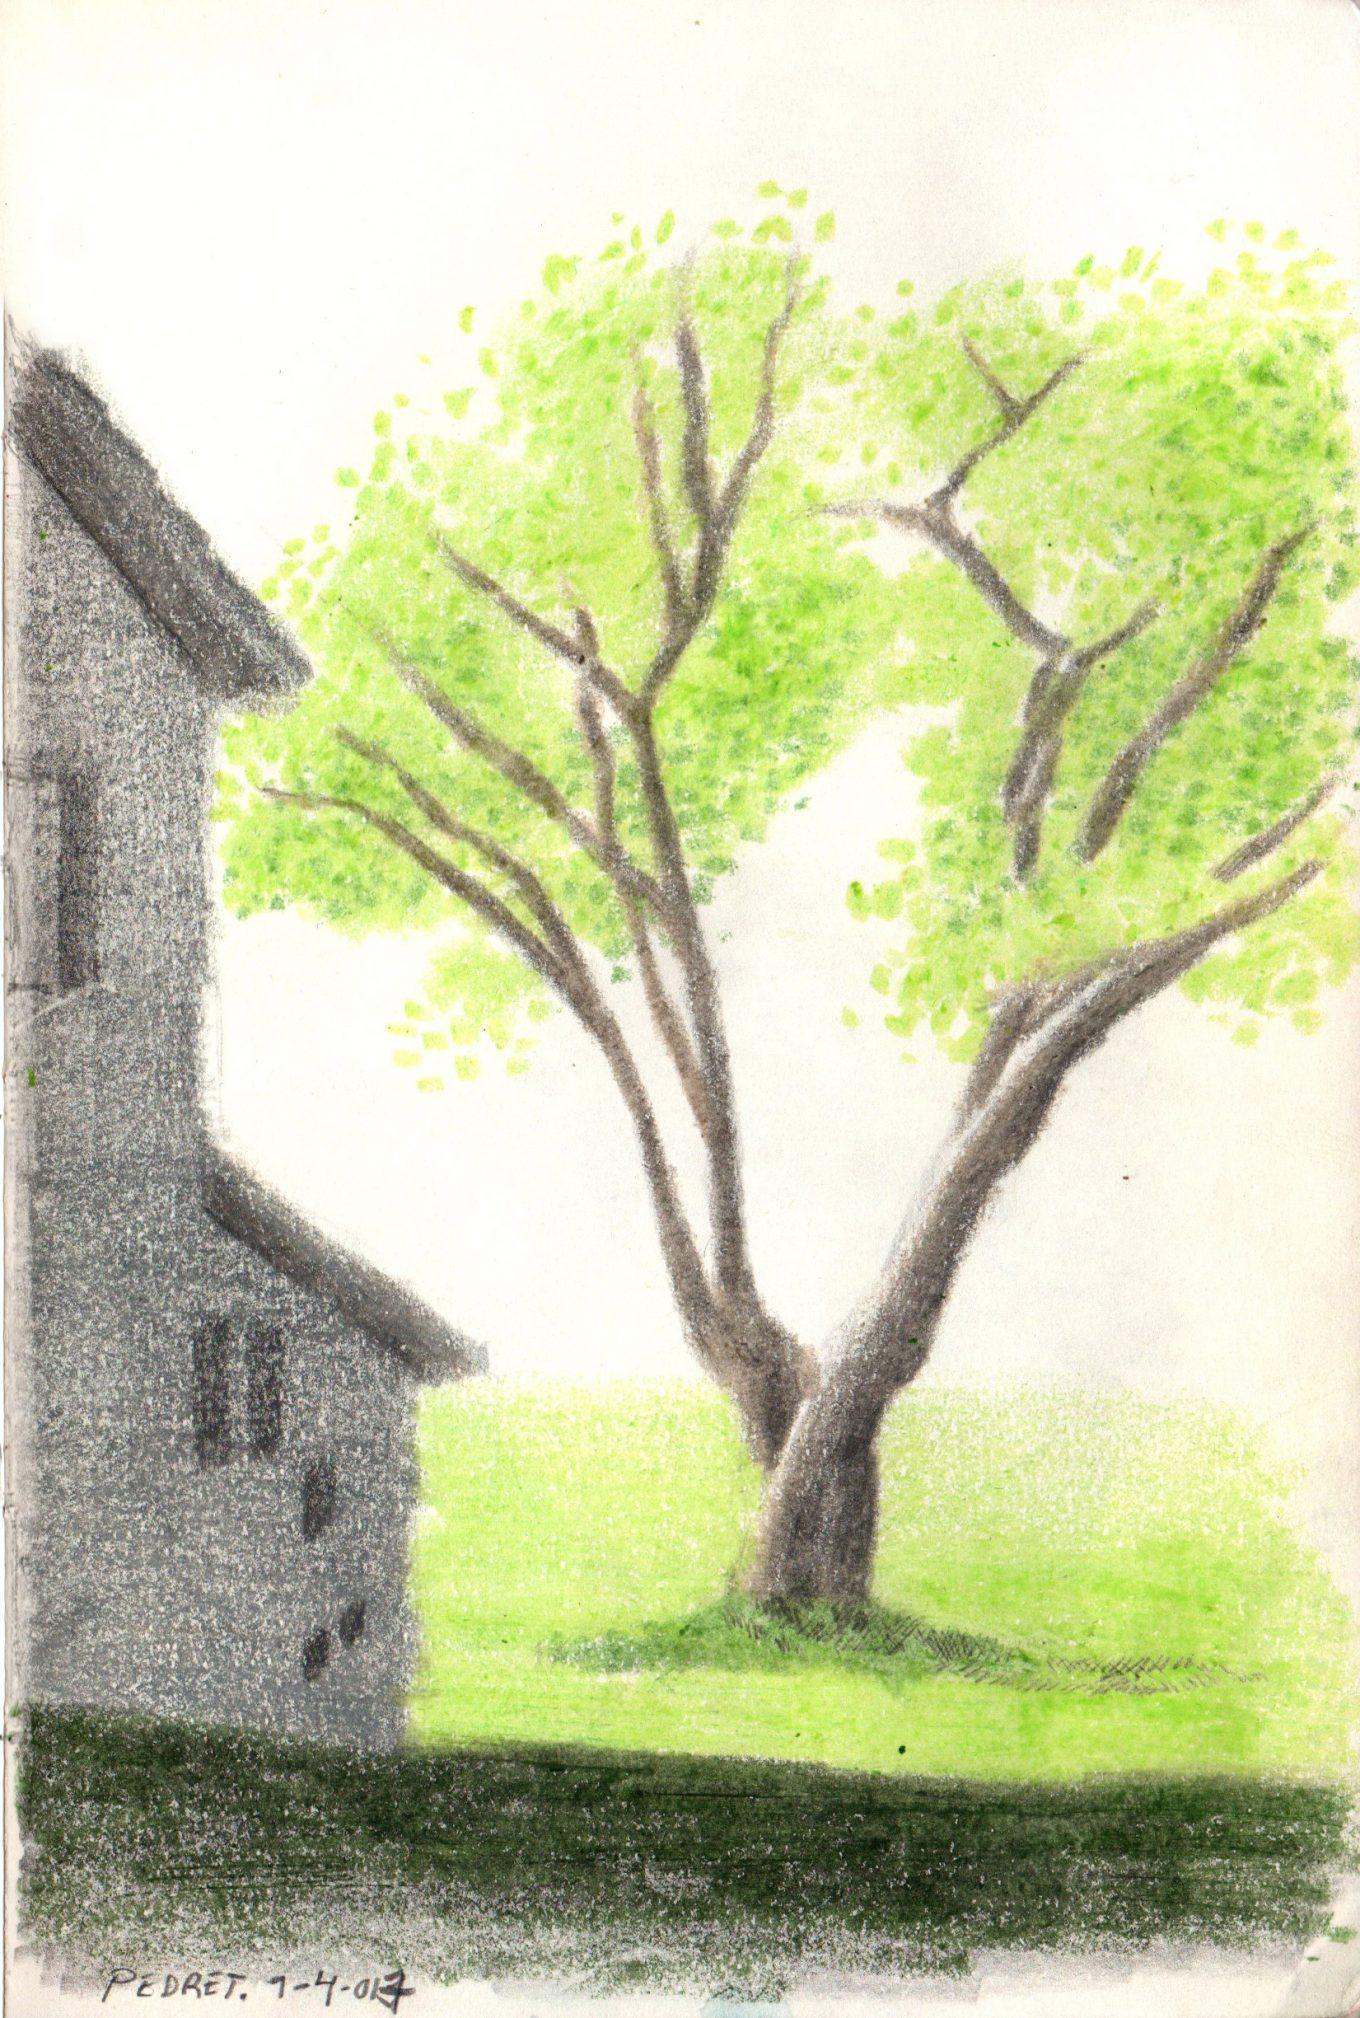 pedret-grafito-ceras-alejandra-caballero-dibujo-casa-árbol